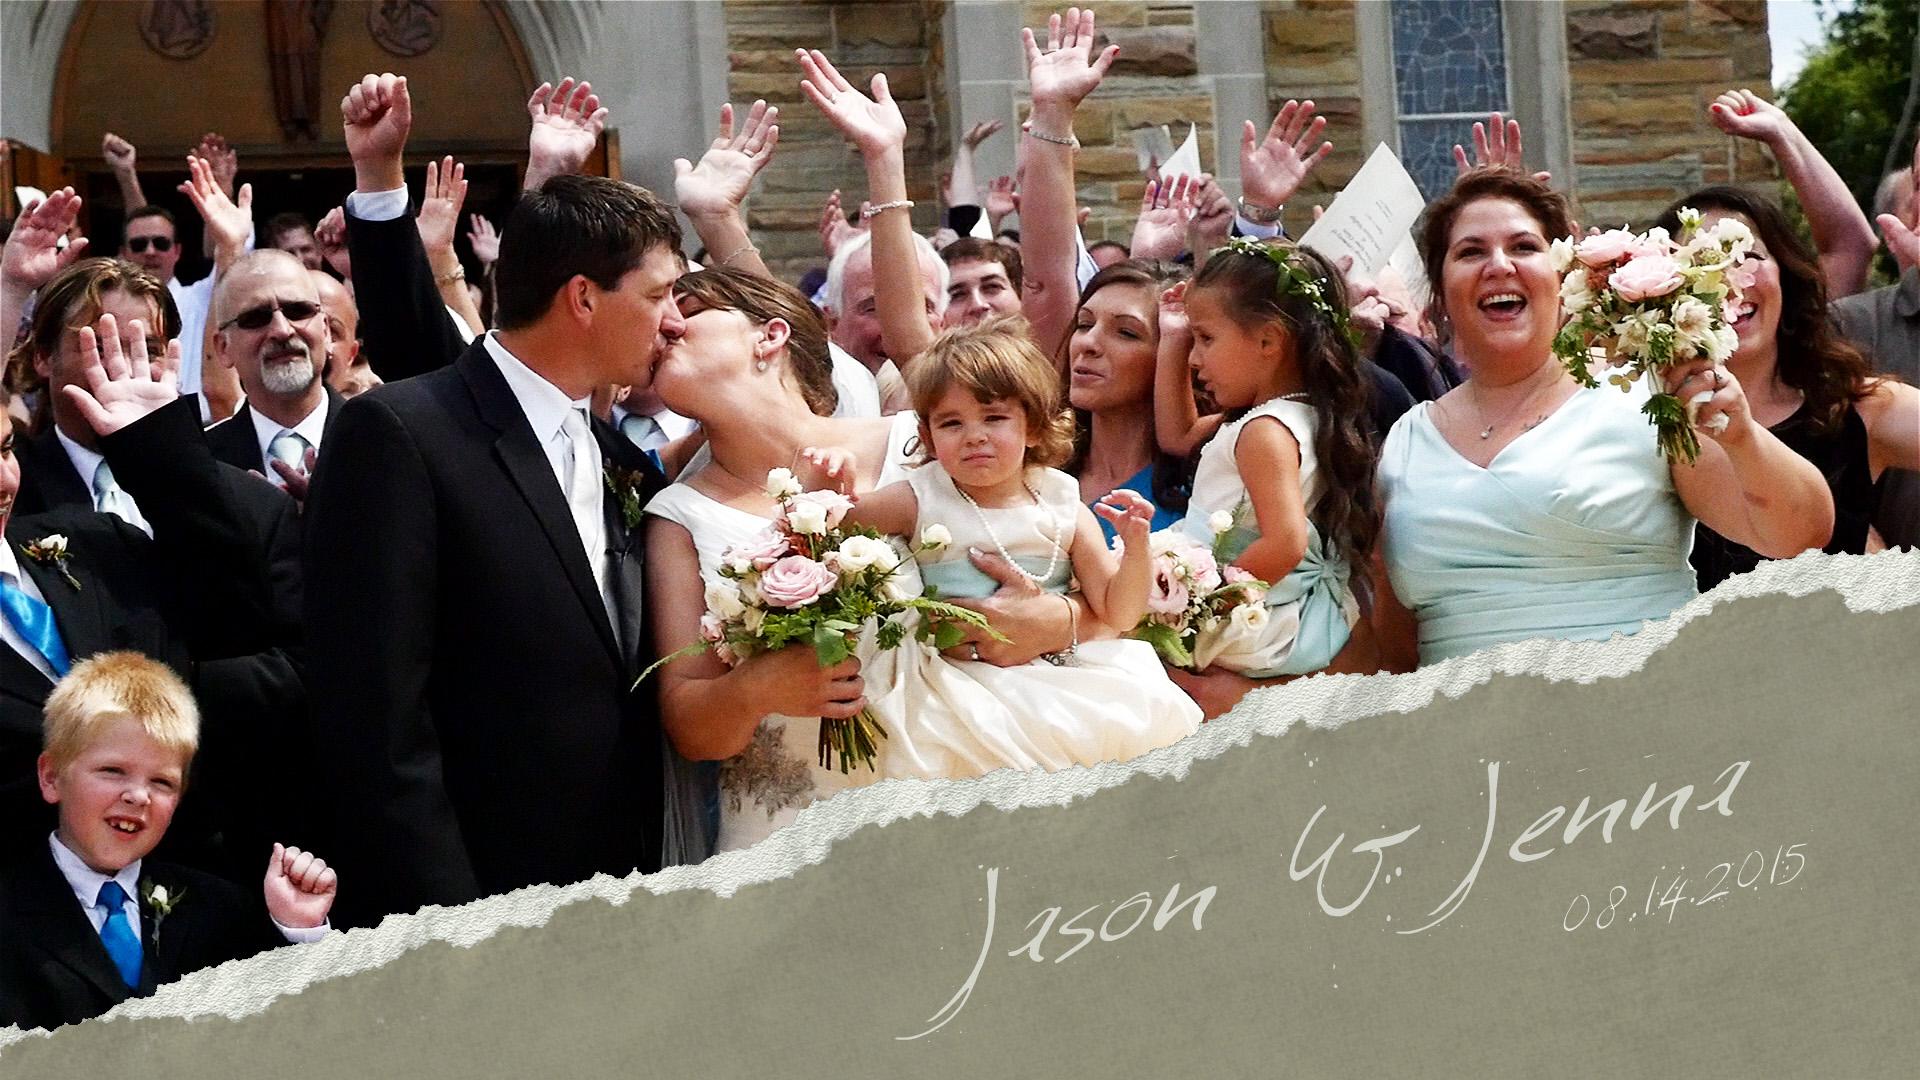 Jason & Jenna – Gowanda NY Wedding